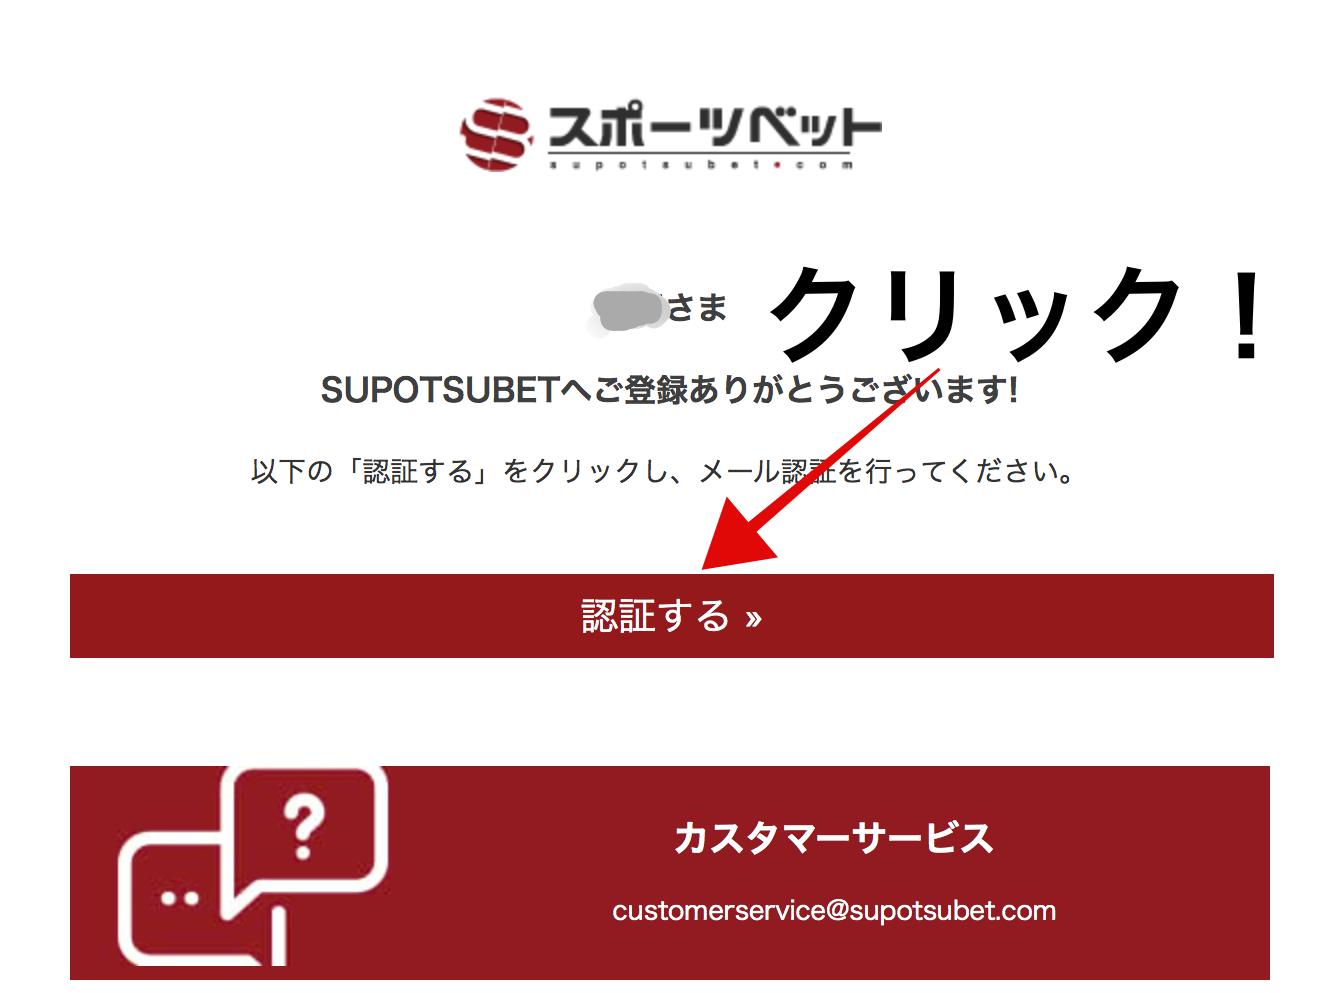 スポーツベット500ドル(100%)入金ボーナスキャンペーン受け取り方法3